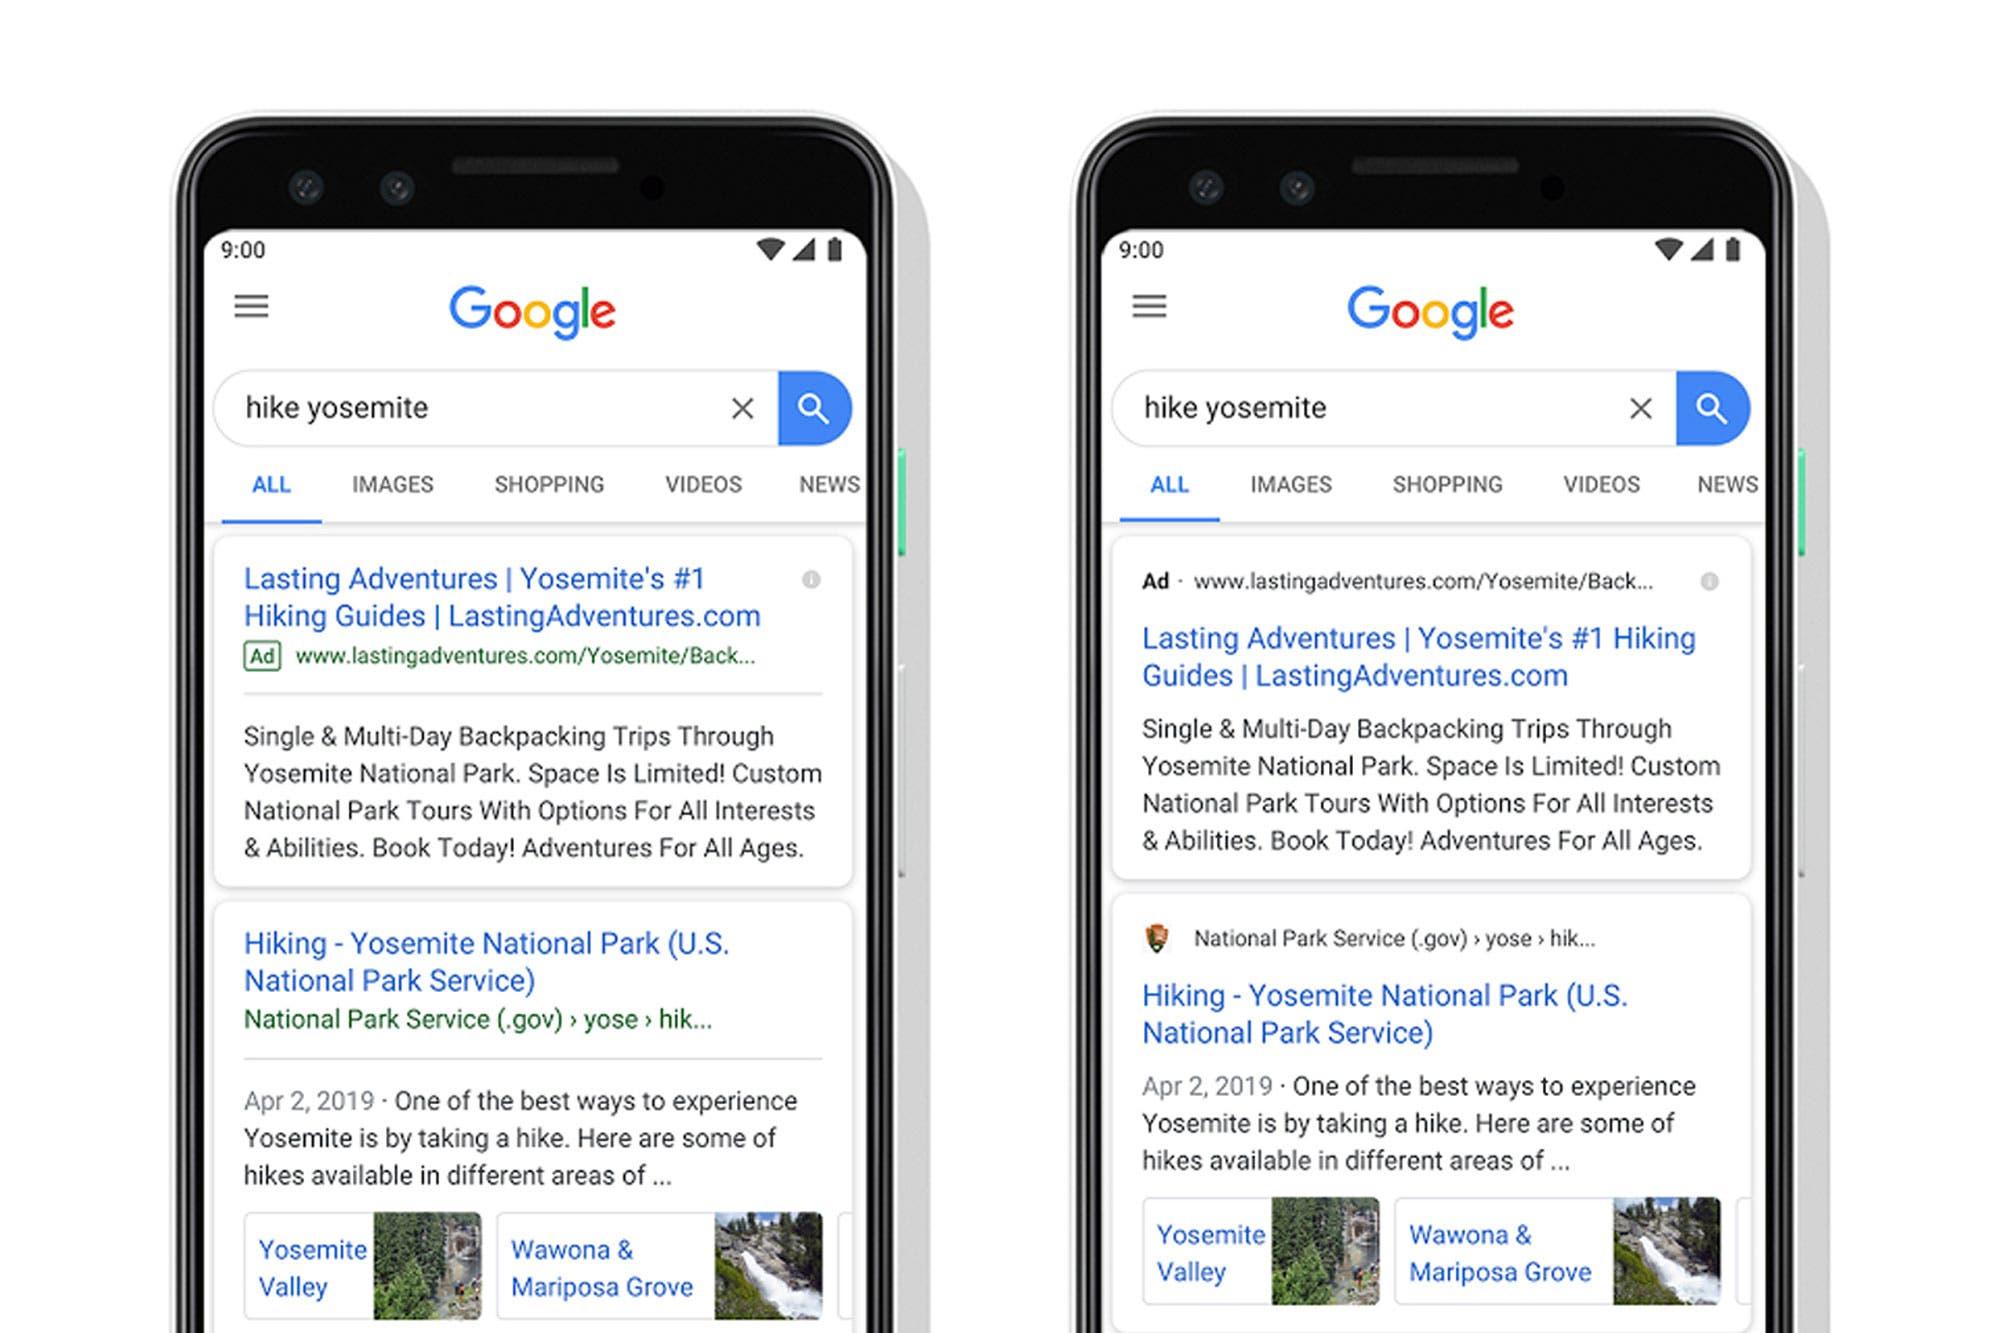 Cambios en Google: ahora los avisos son más parecidos a los resultados de la consulta web